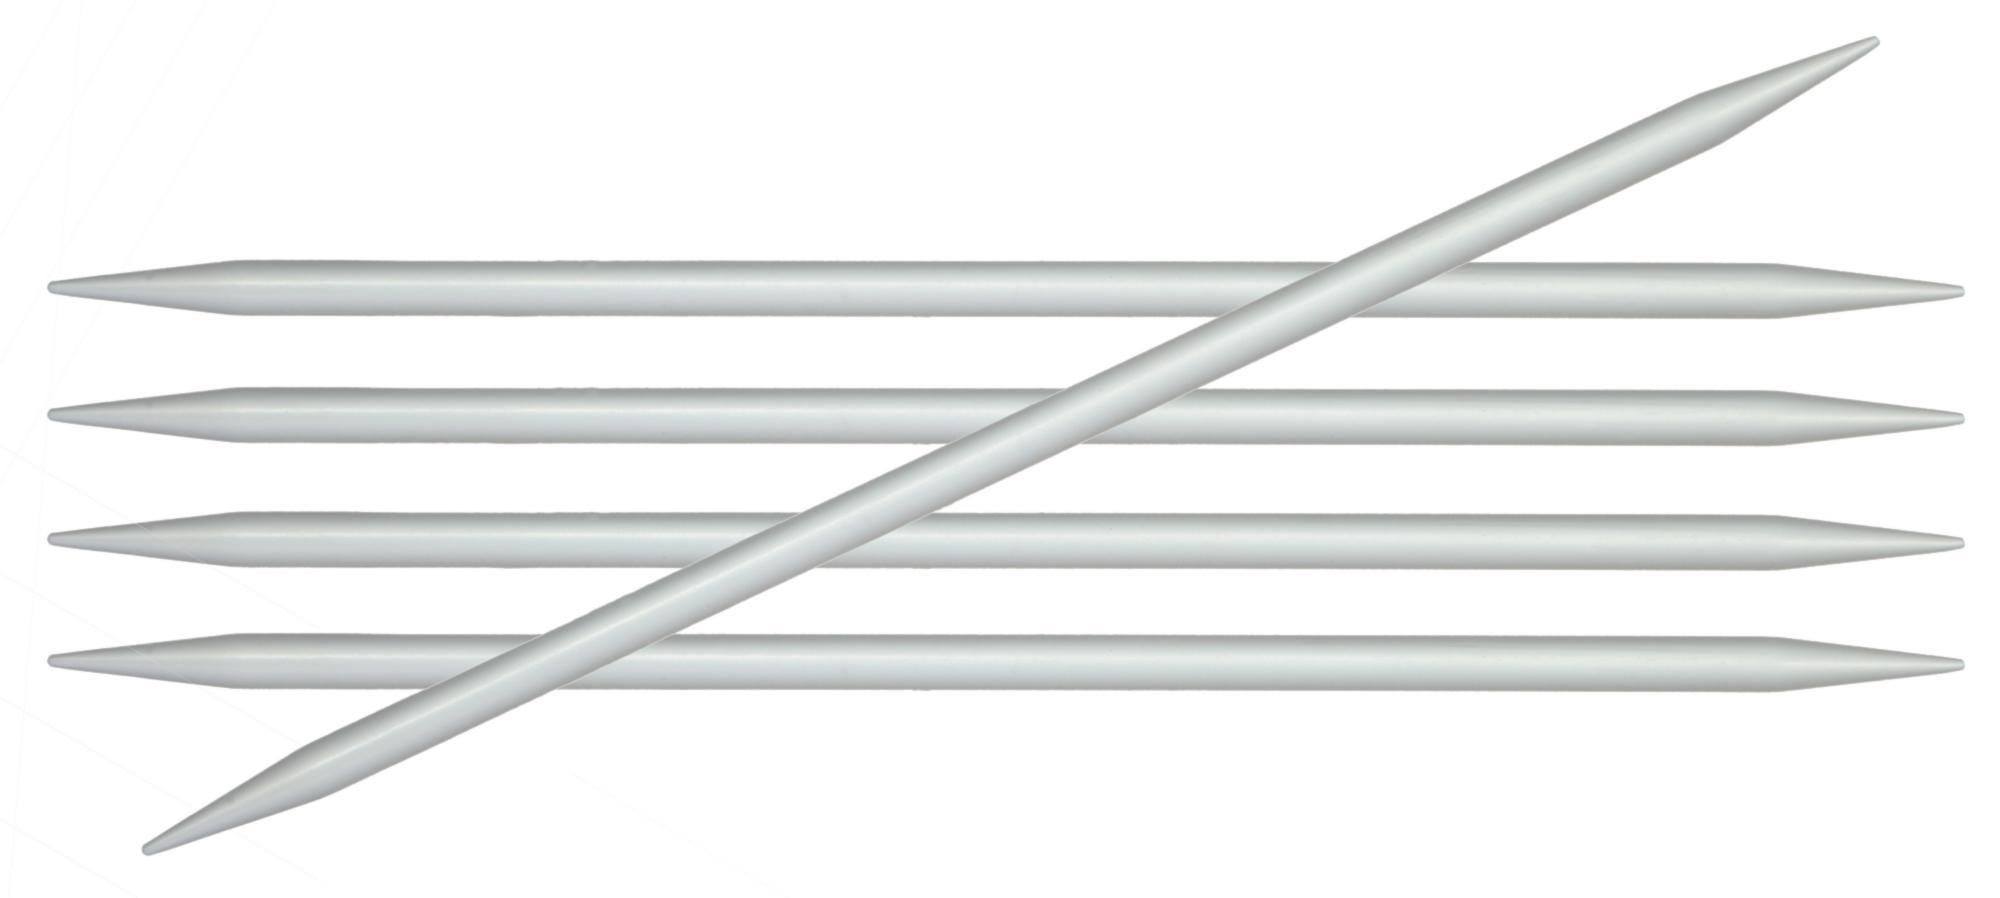 Спицы носочные 20 см Basix Aluminium KnitPro, 45118, 2.25 мм